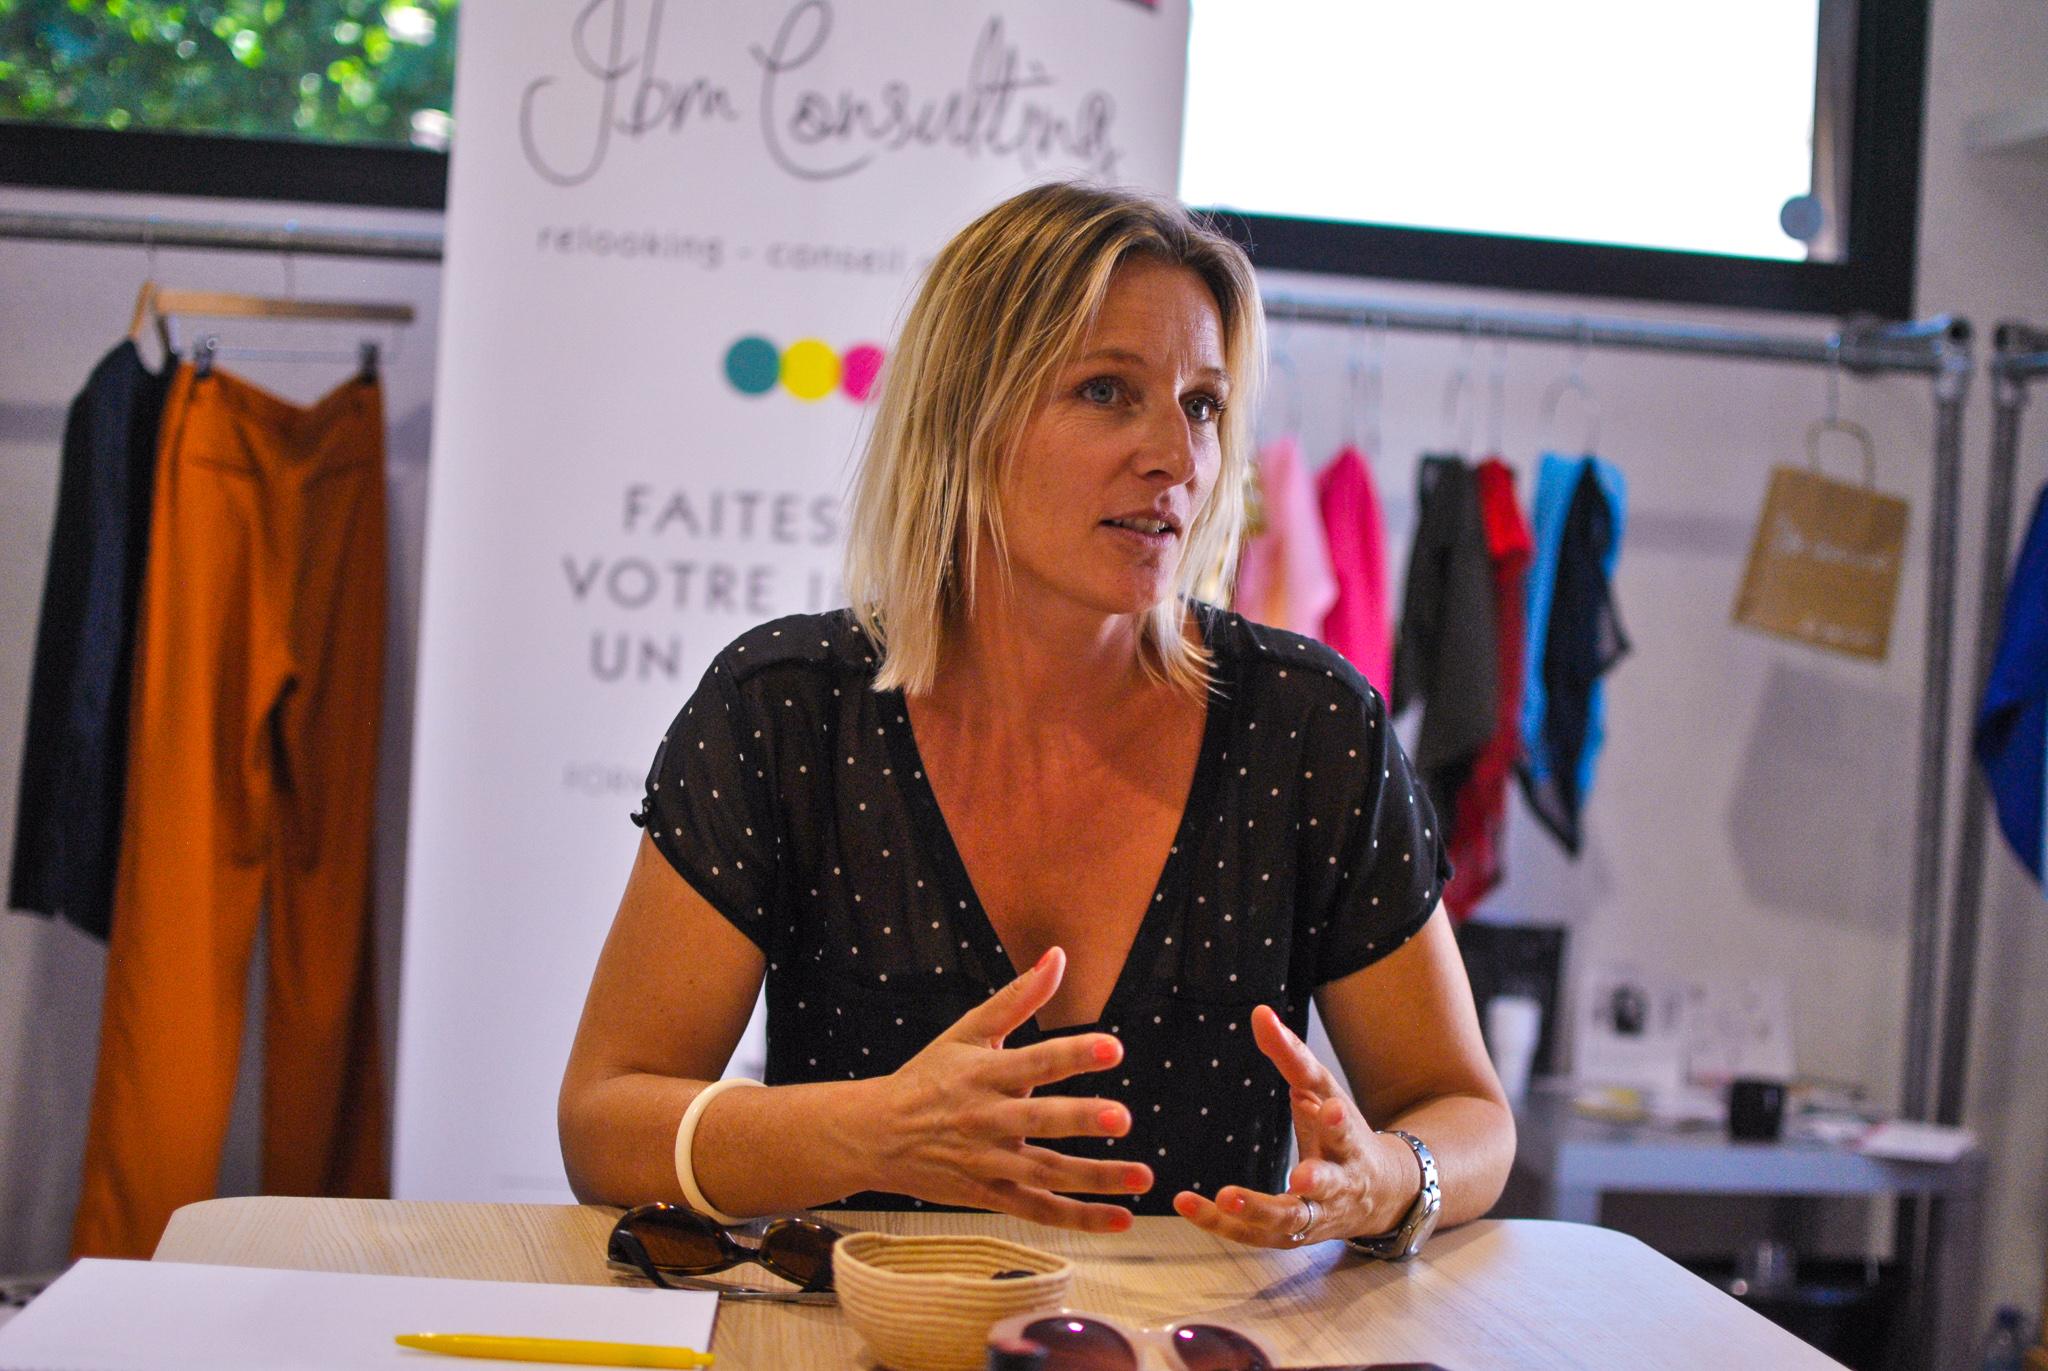 Julie JBM Consulting pour l'atelier image de soi & relooking sur Aix-en-Provence